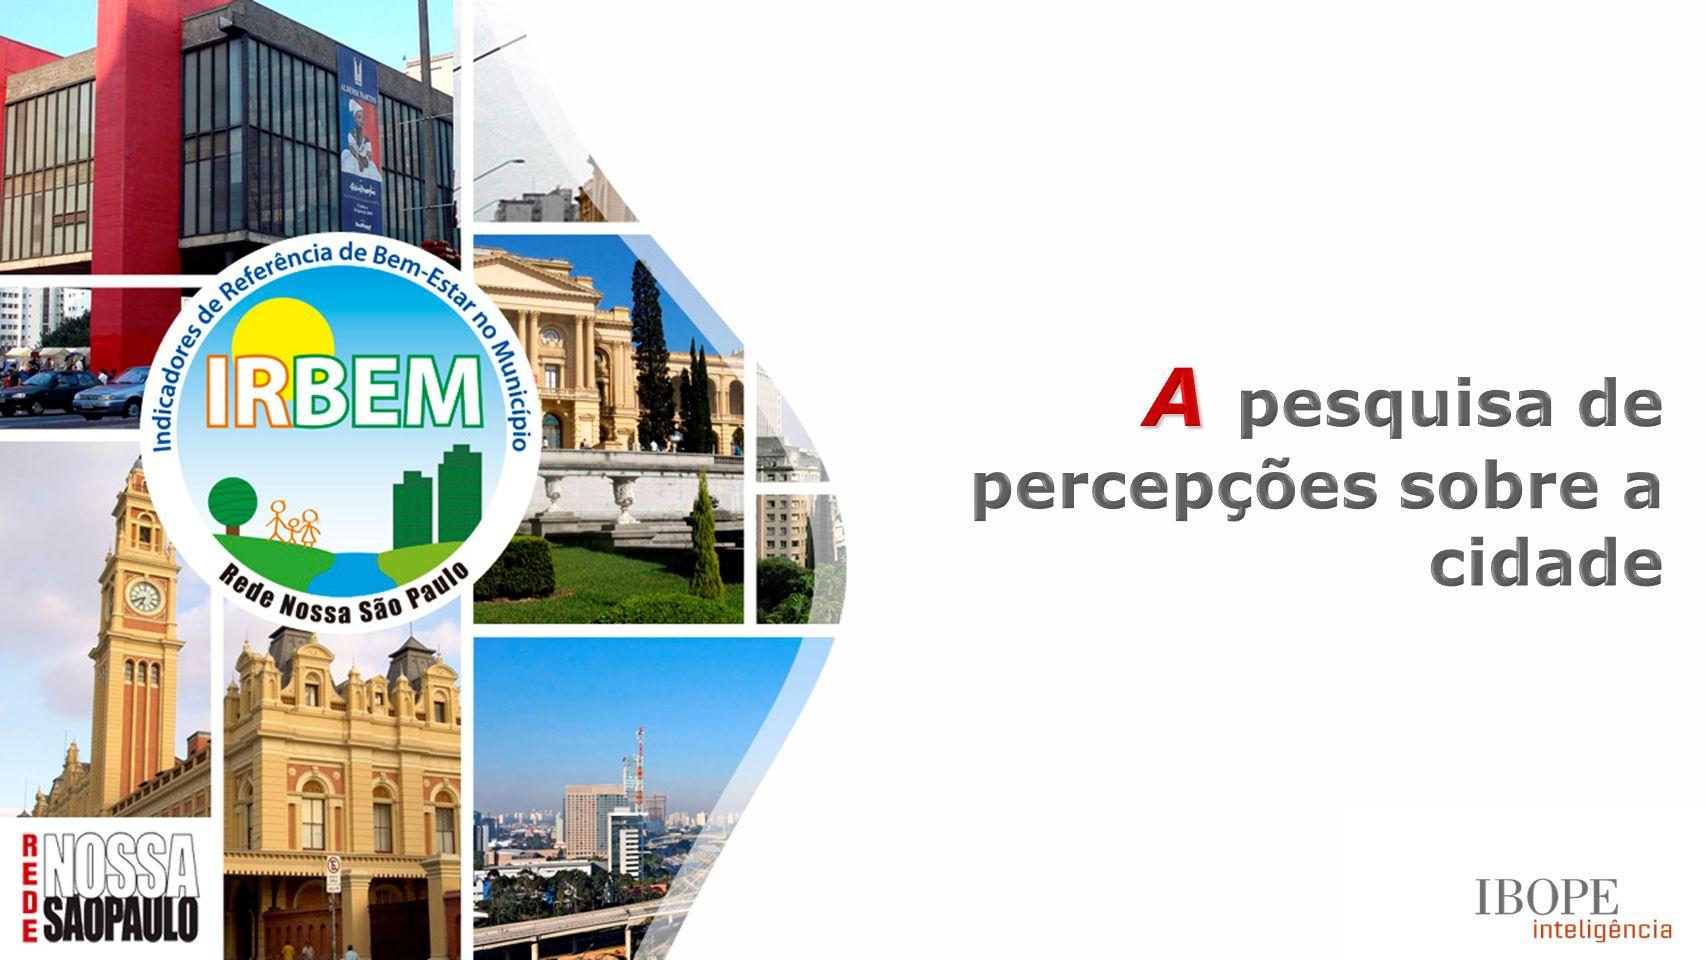 A pesquisa de percepções sobre a cidade